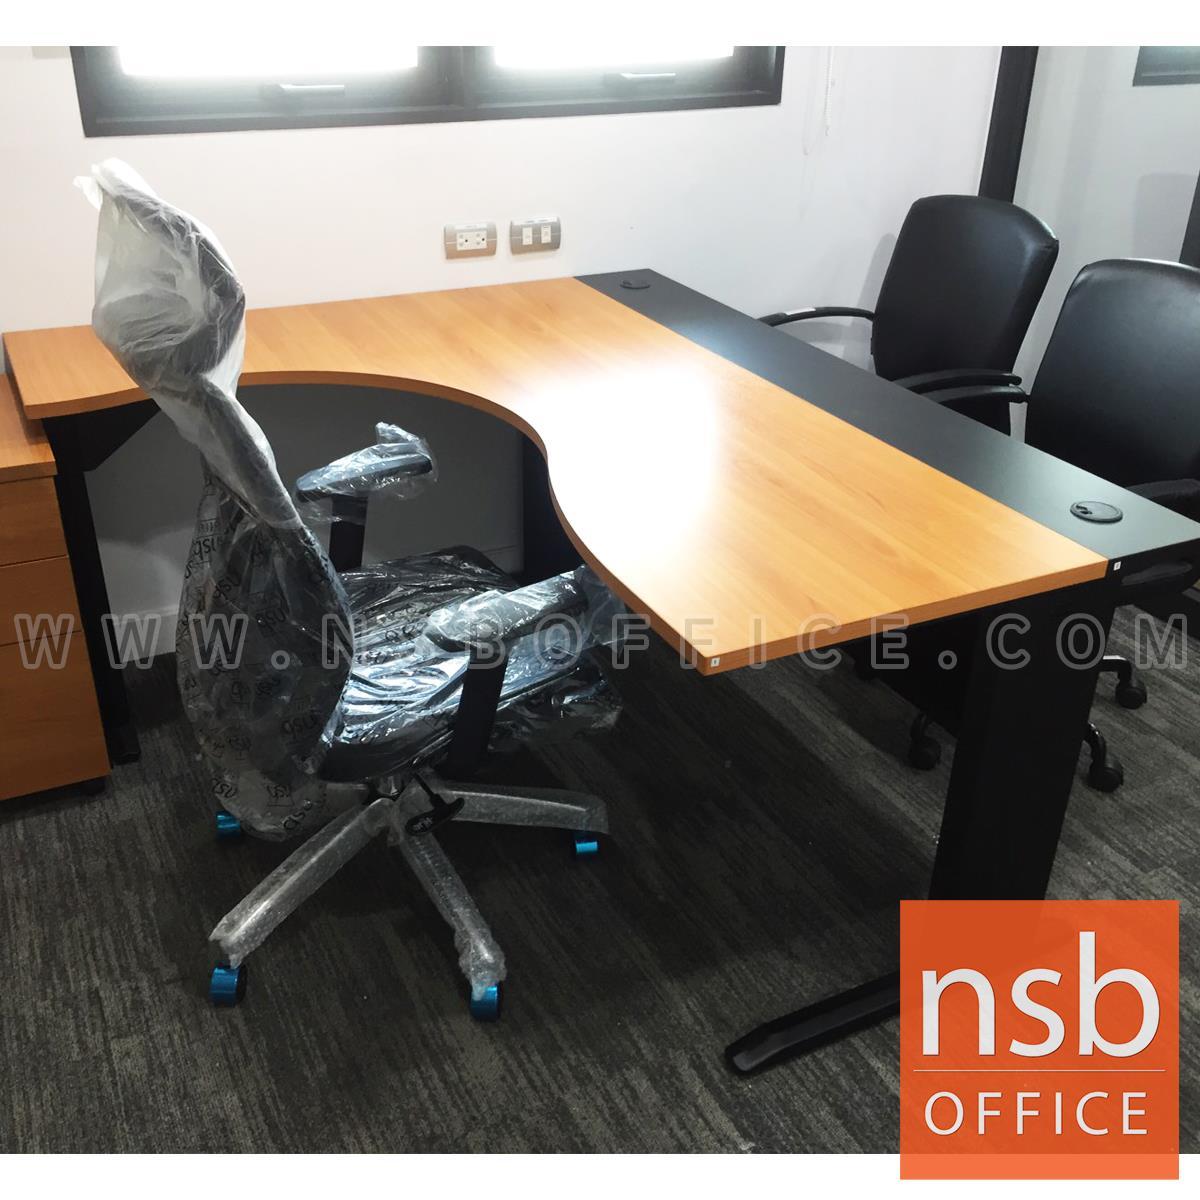 โต๊ะทำงานตัวแอลหน้าโค้งเว้า  รุ่น Bekant (บีแคนท์) ขนาด 160W1*140W2 cm. ขาเหล็กดำ สีเชอร์รี่-ดำ